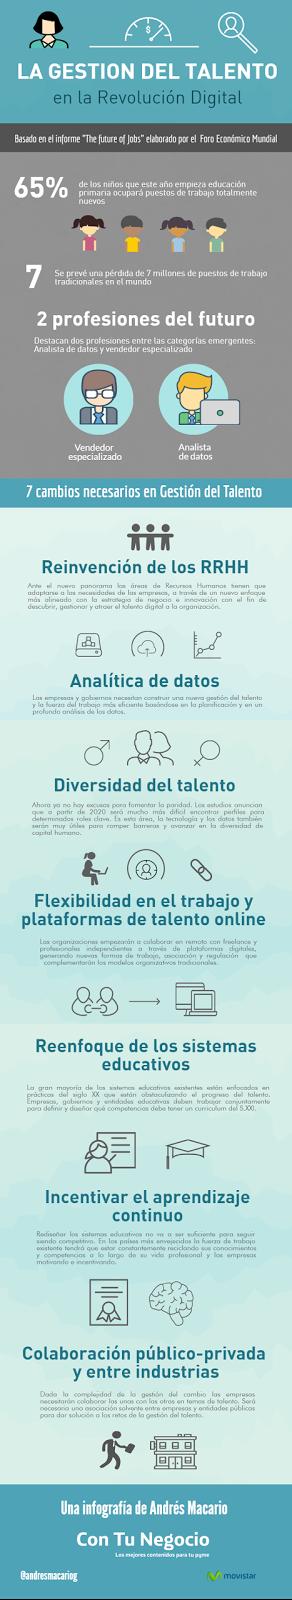 La Gestión del talento en la revolución digital [Infografía]